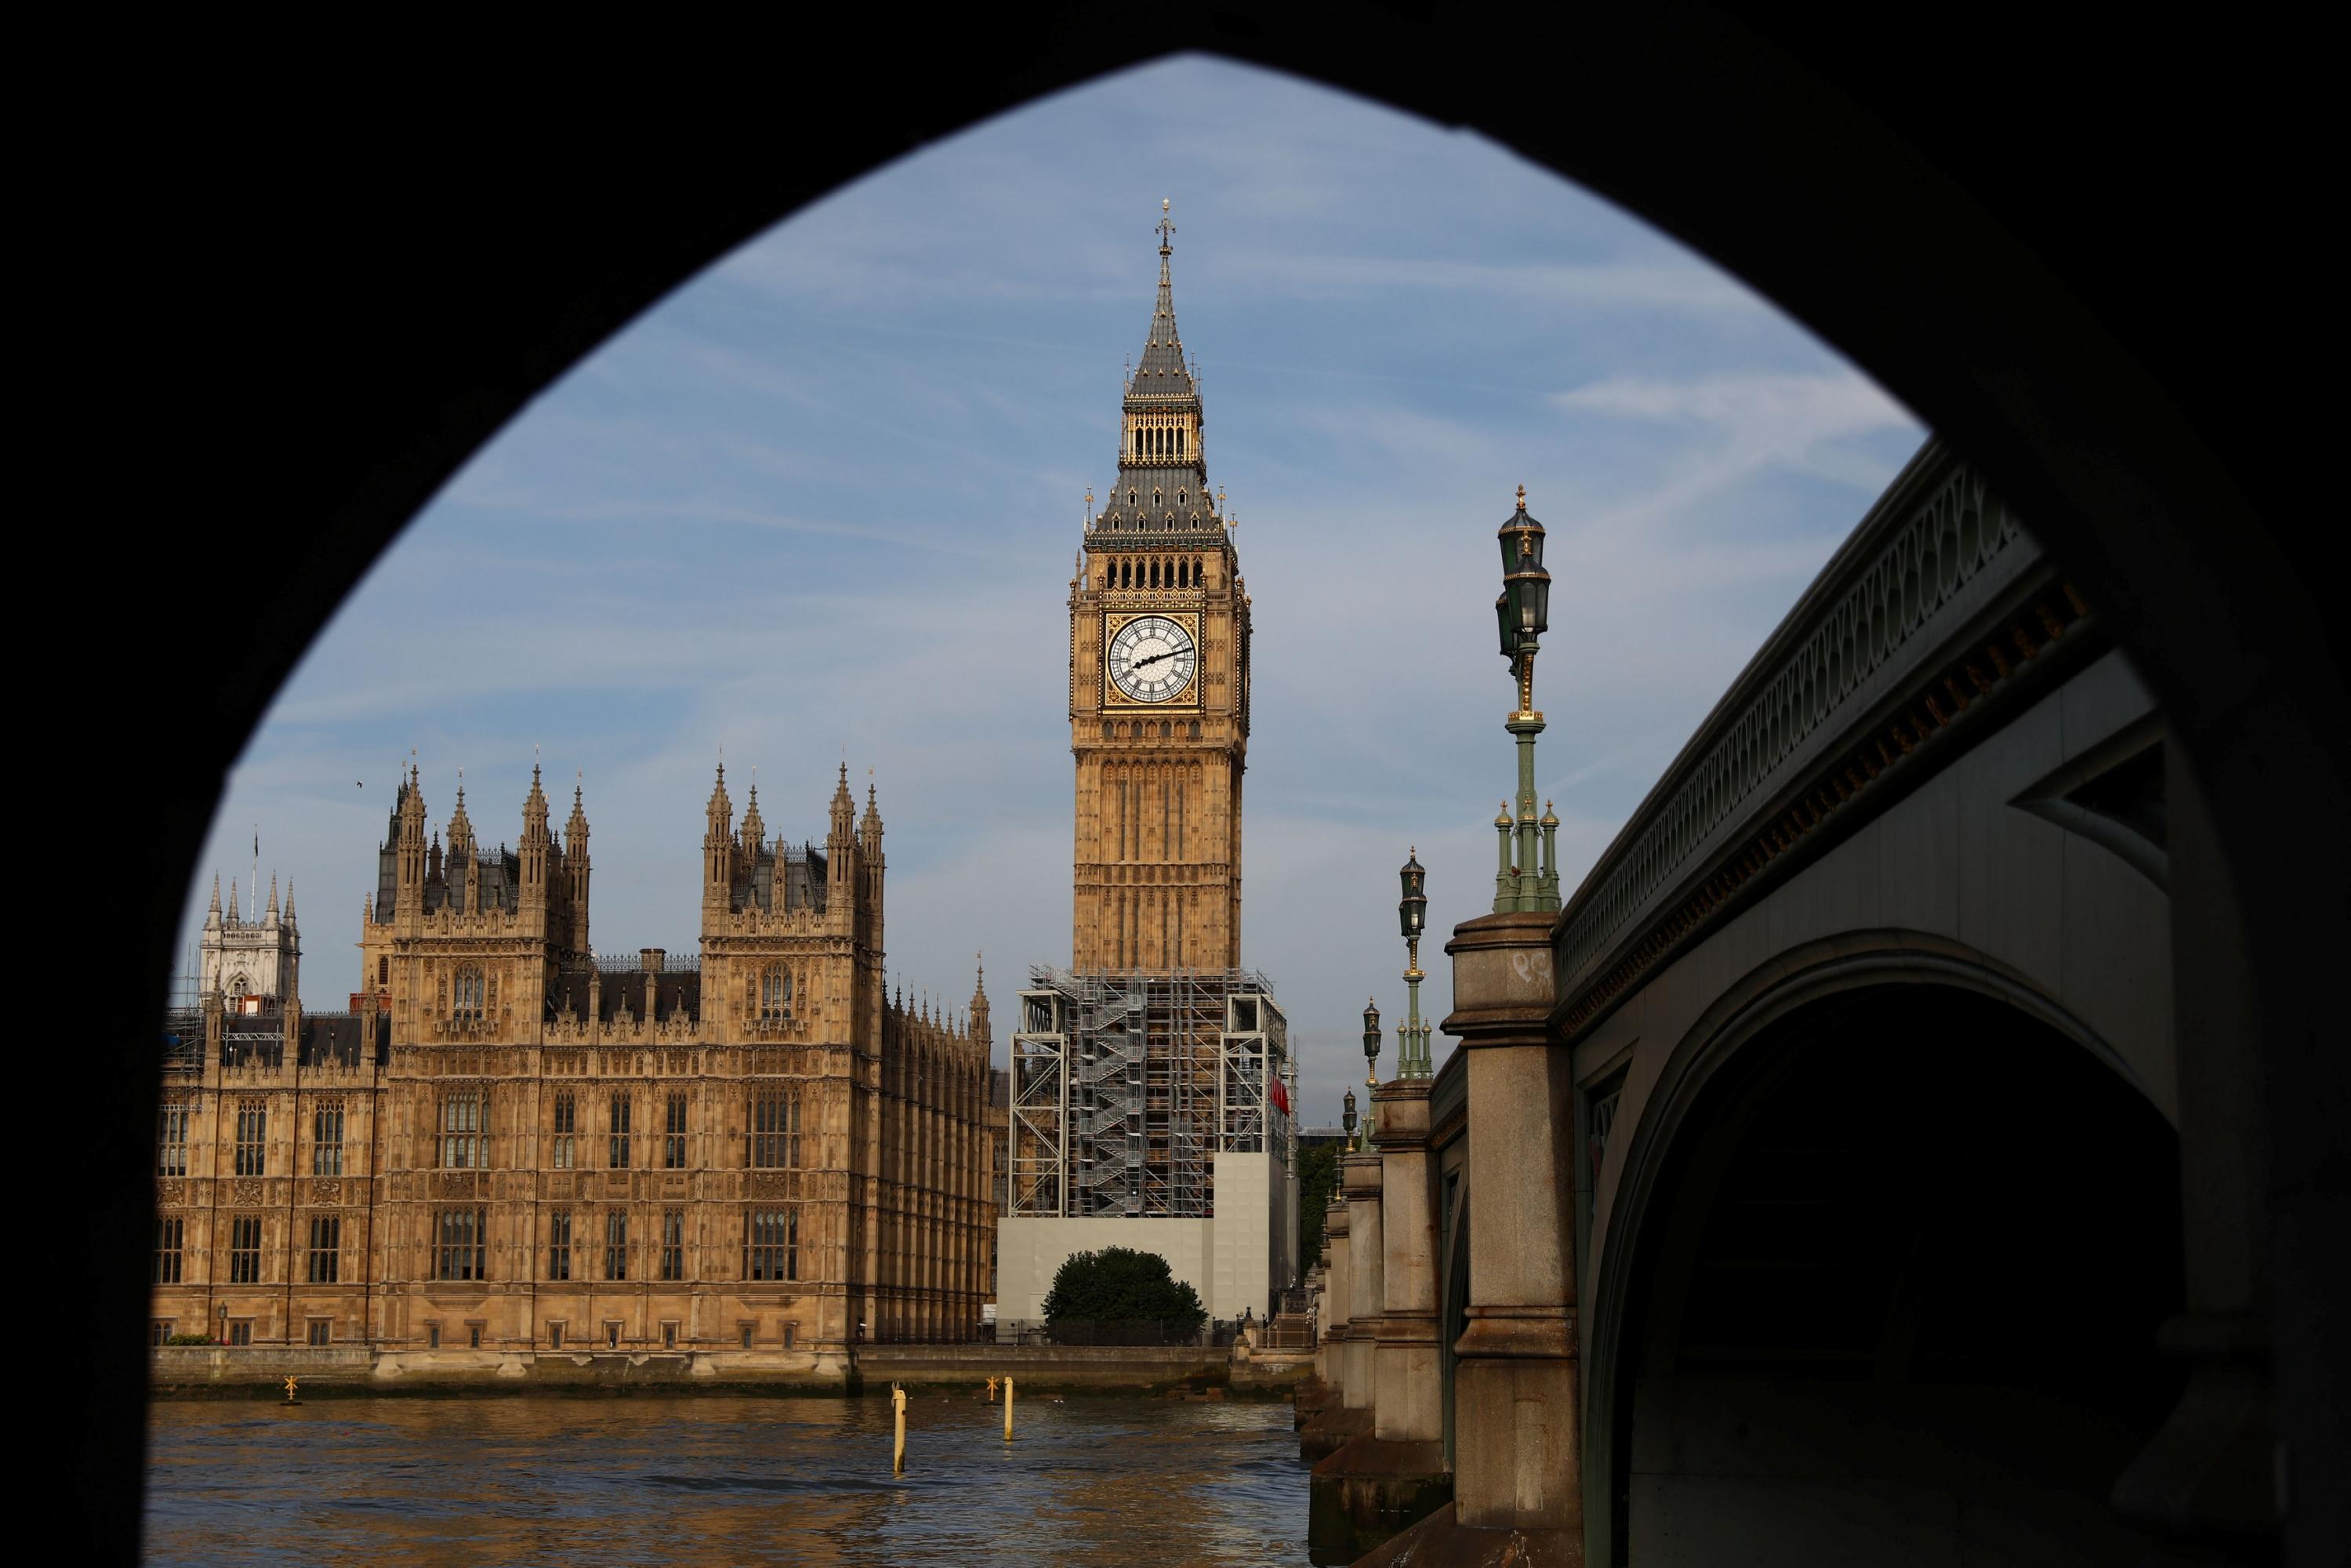 La campana del big ben estar muda cuatro aos pblico la campana del big ben estar muda cuatro aos malvernweather Choice Image